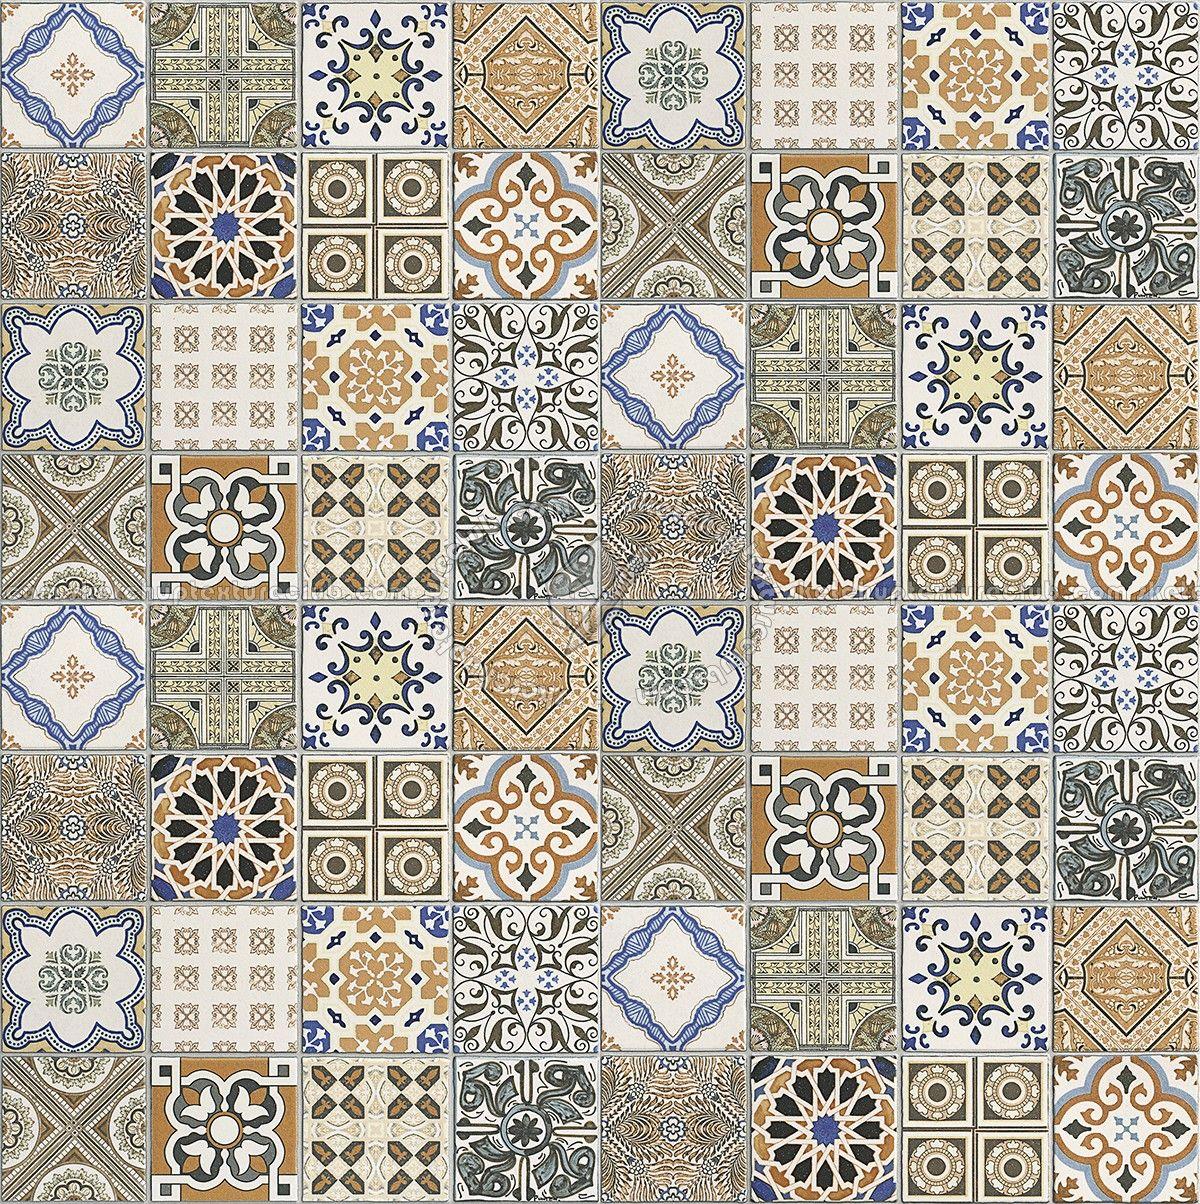 Pin von Deciana Lie auf Wallpaper, floor etc | Pinterest